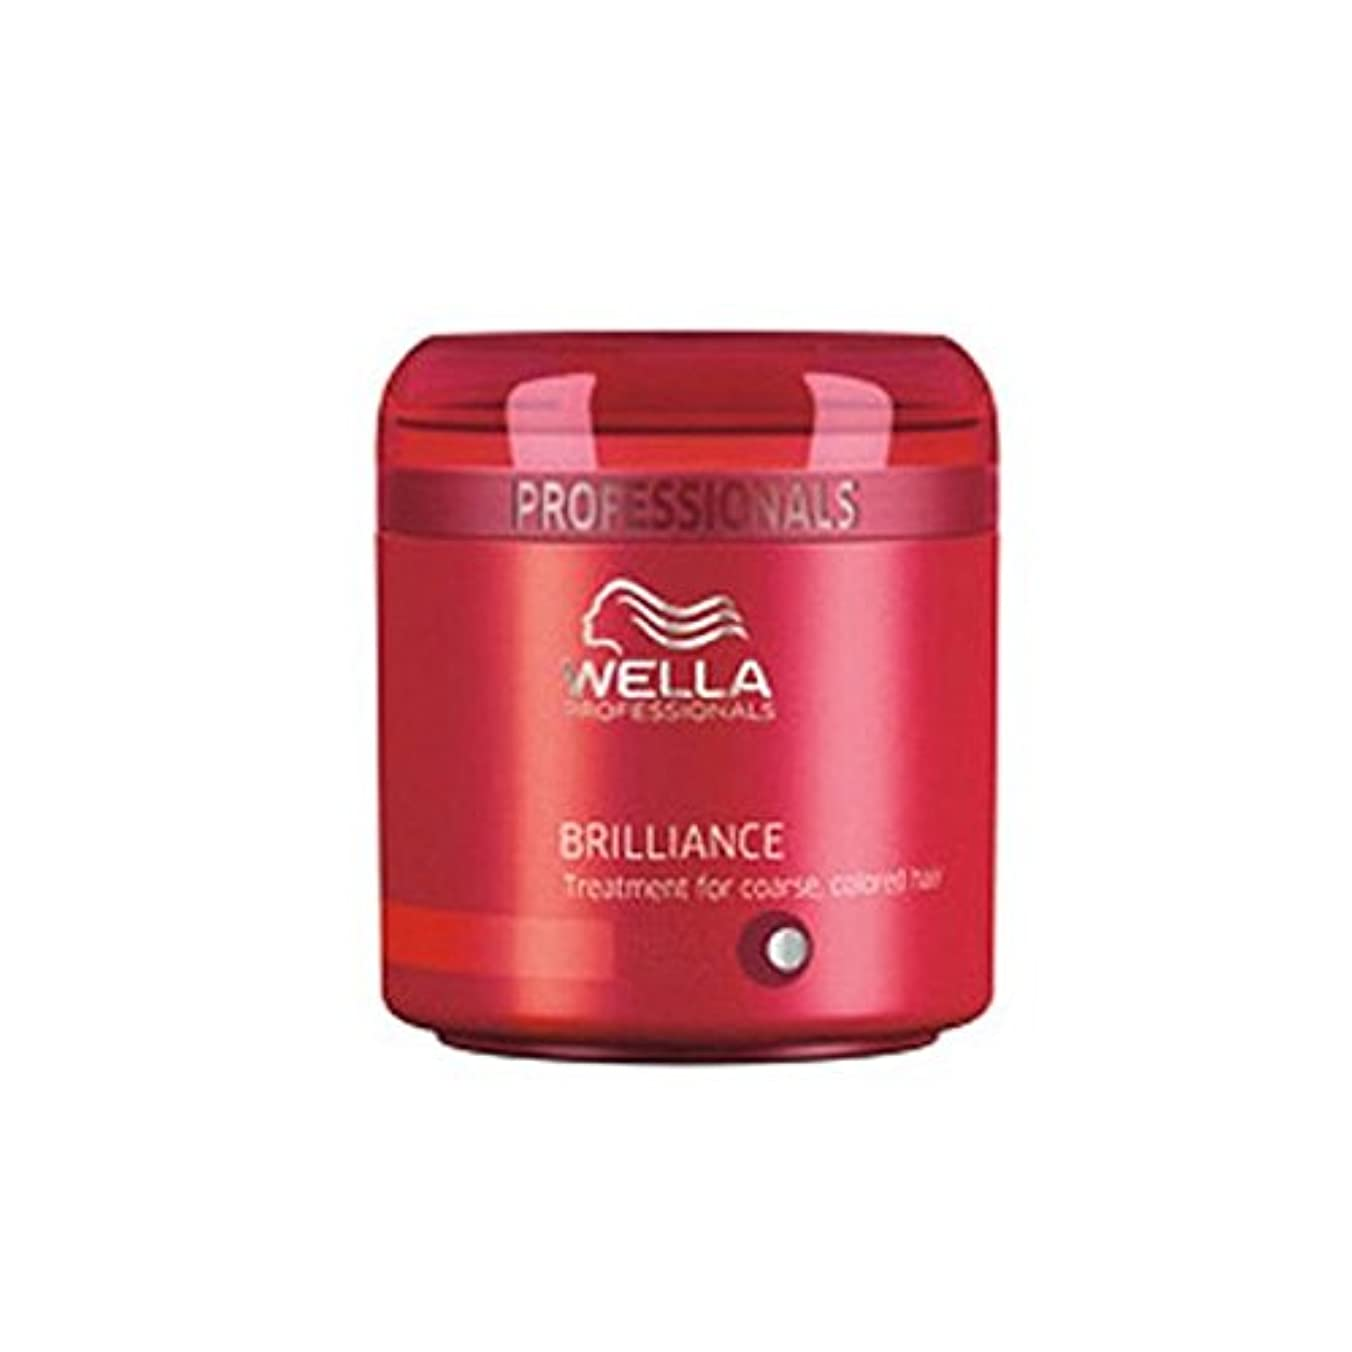 猫背資格検出可能Wella Professionals Brilliance Treatment For Fine To Normal, Coloured Hair (500ml) - ウェラの専門家が通常に罰金の治療を輝き、色の髪(500ミリリットル) [並行輸入品]